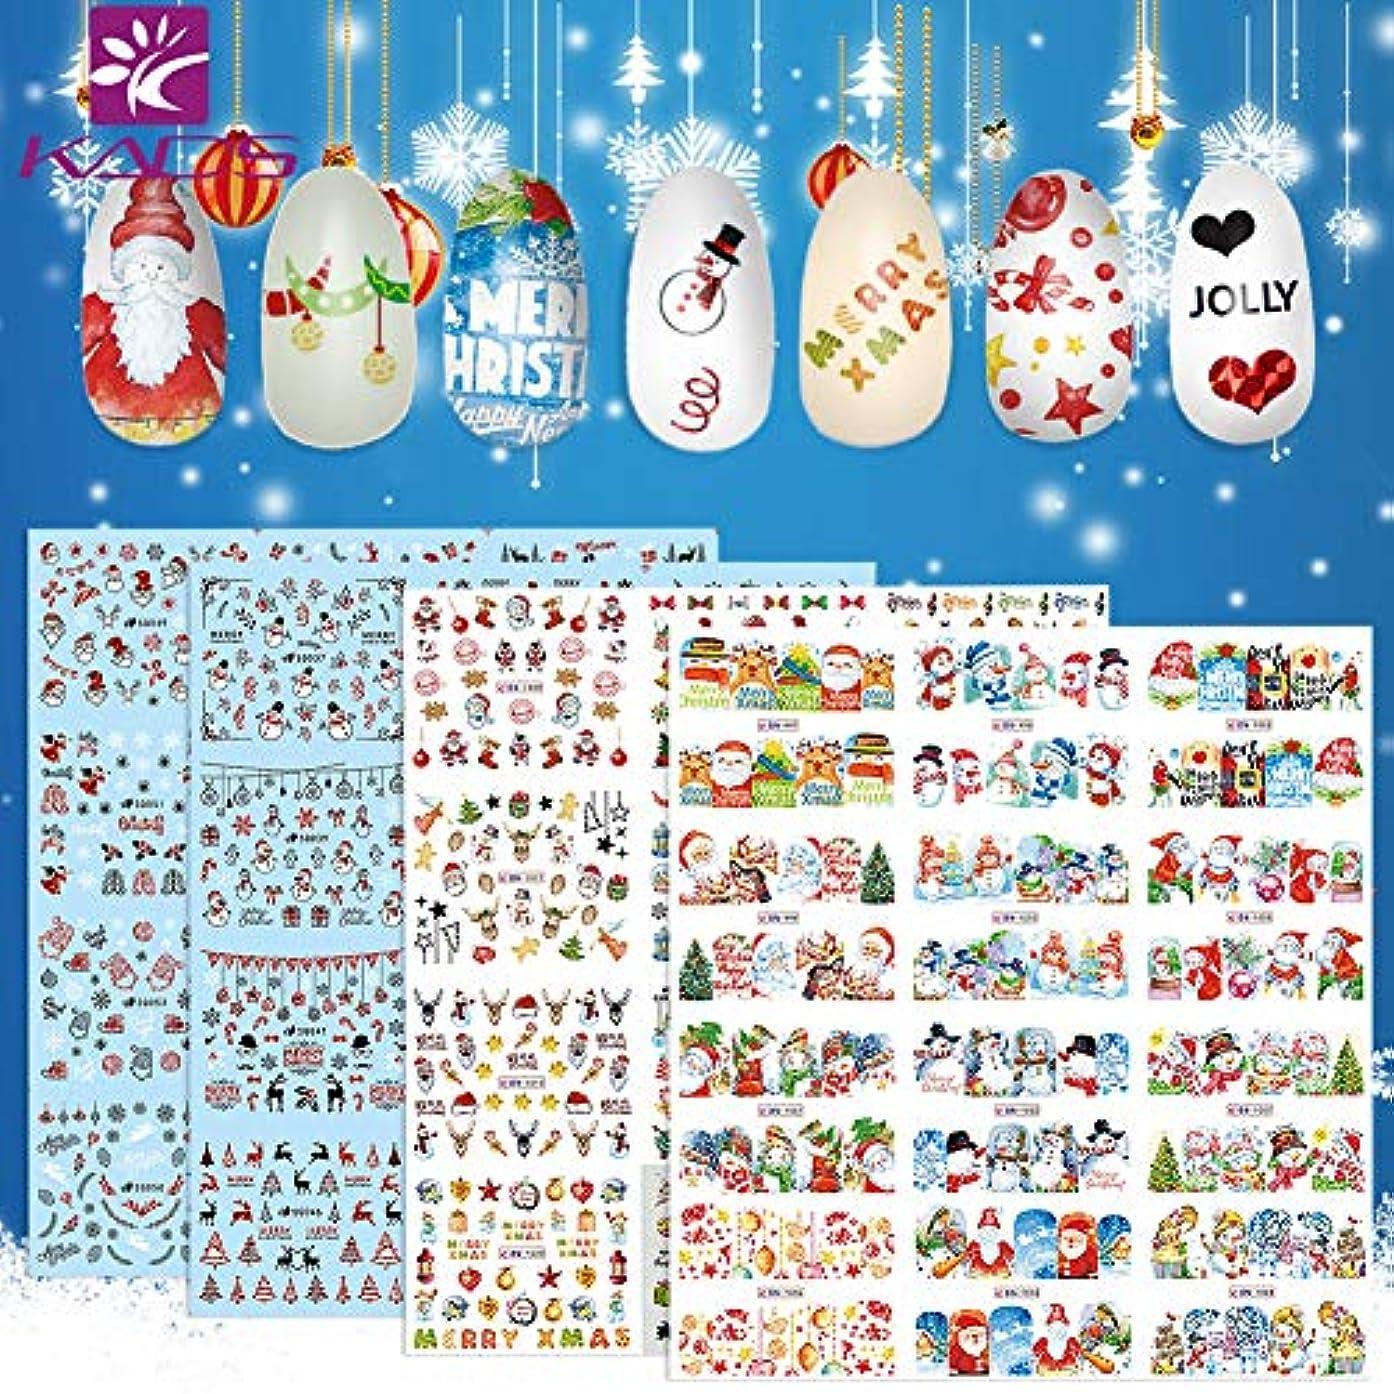 すぐに喉頭勉強するKADS クリスマスネイルシール4枚セット ネイル用水転写シール クリスマスツリー サンタクロース 可愛い雪だるま ネイルデザイン用品セット4個 (セット1)